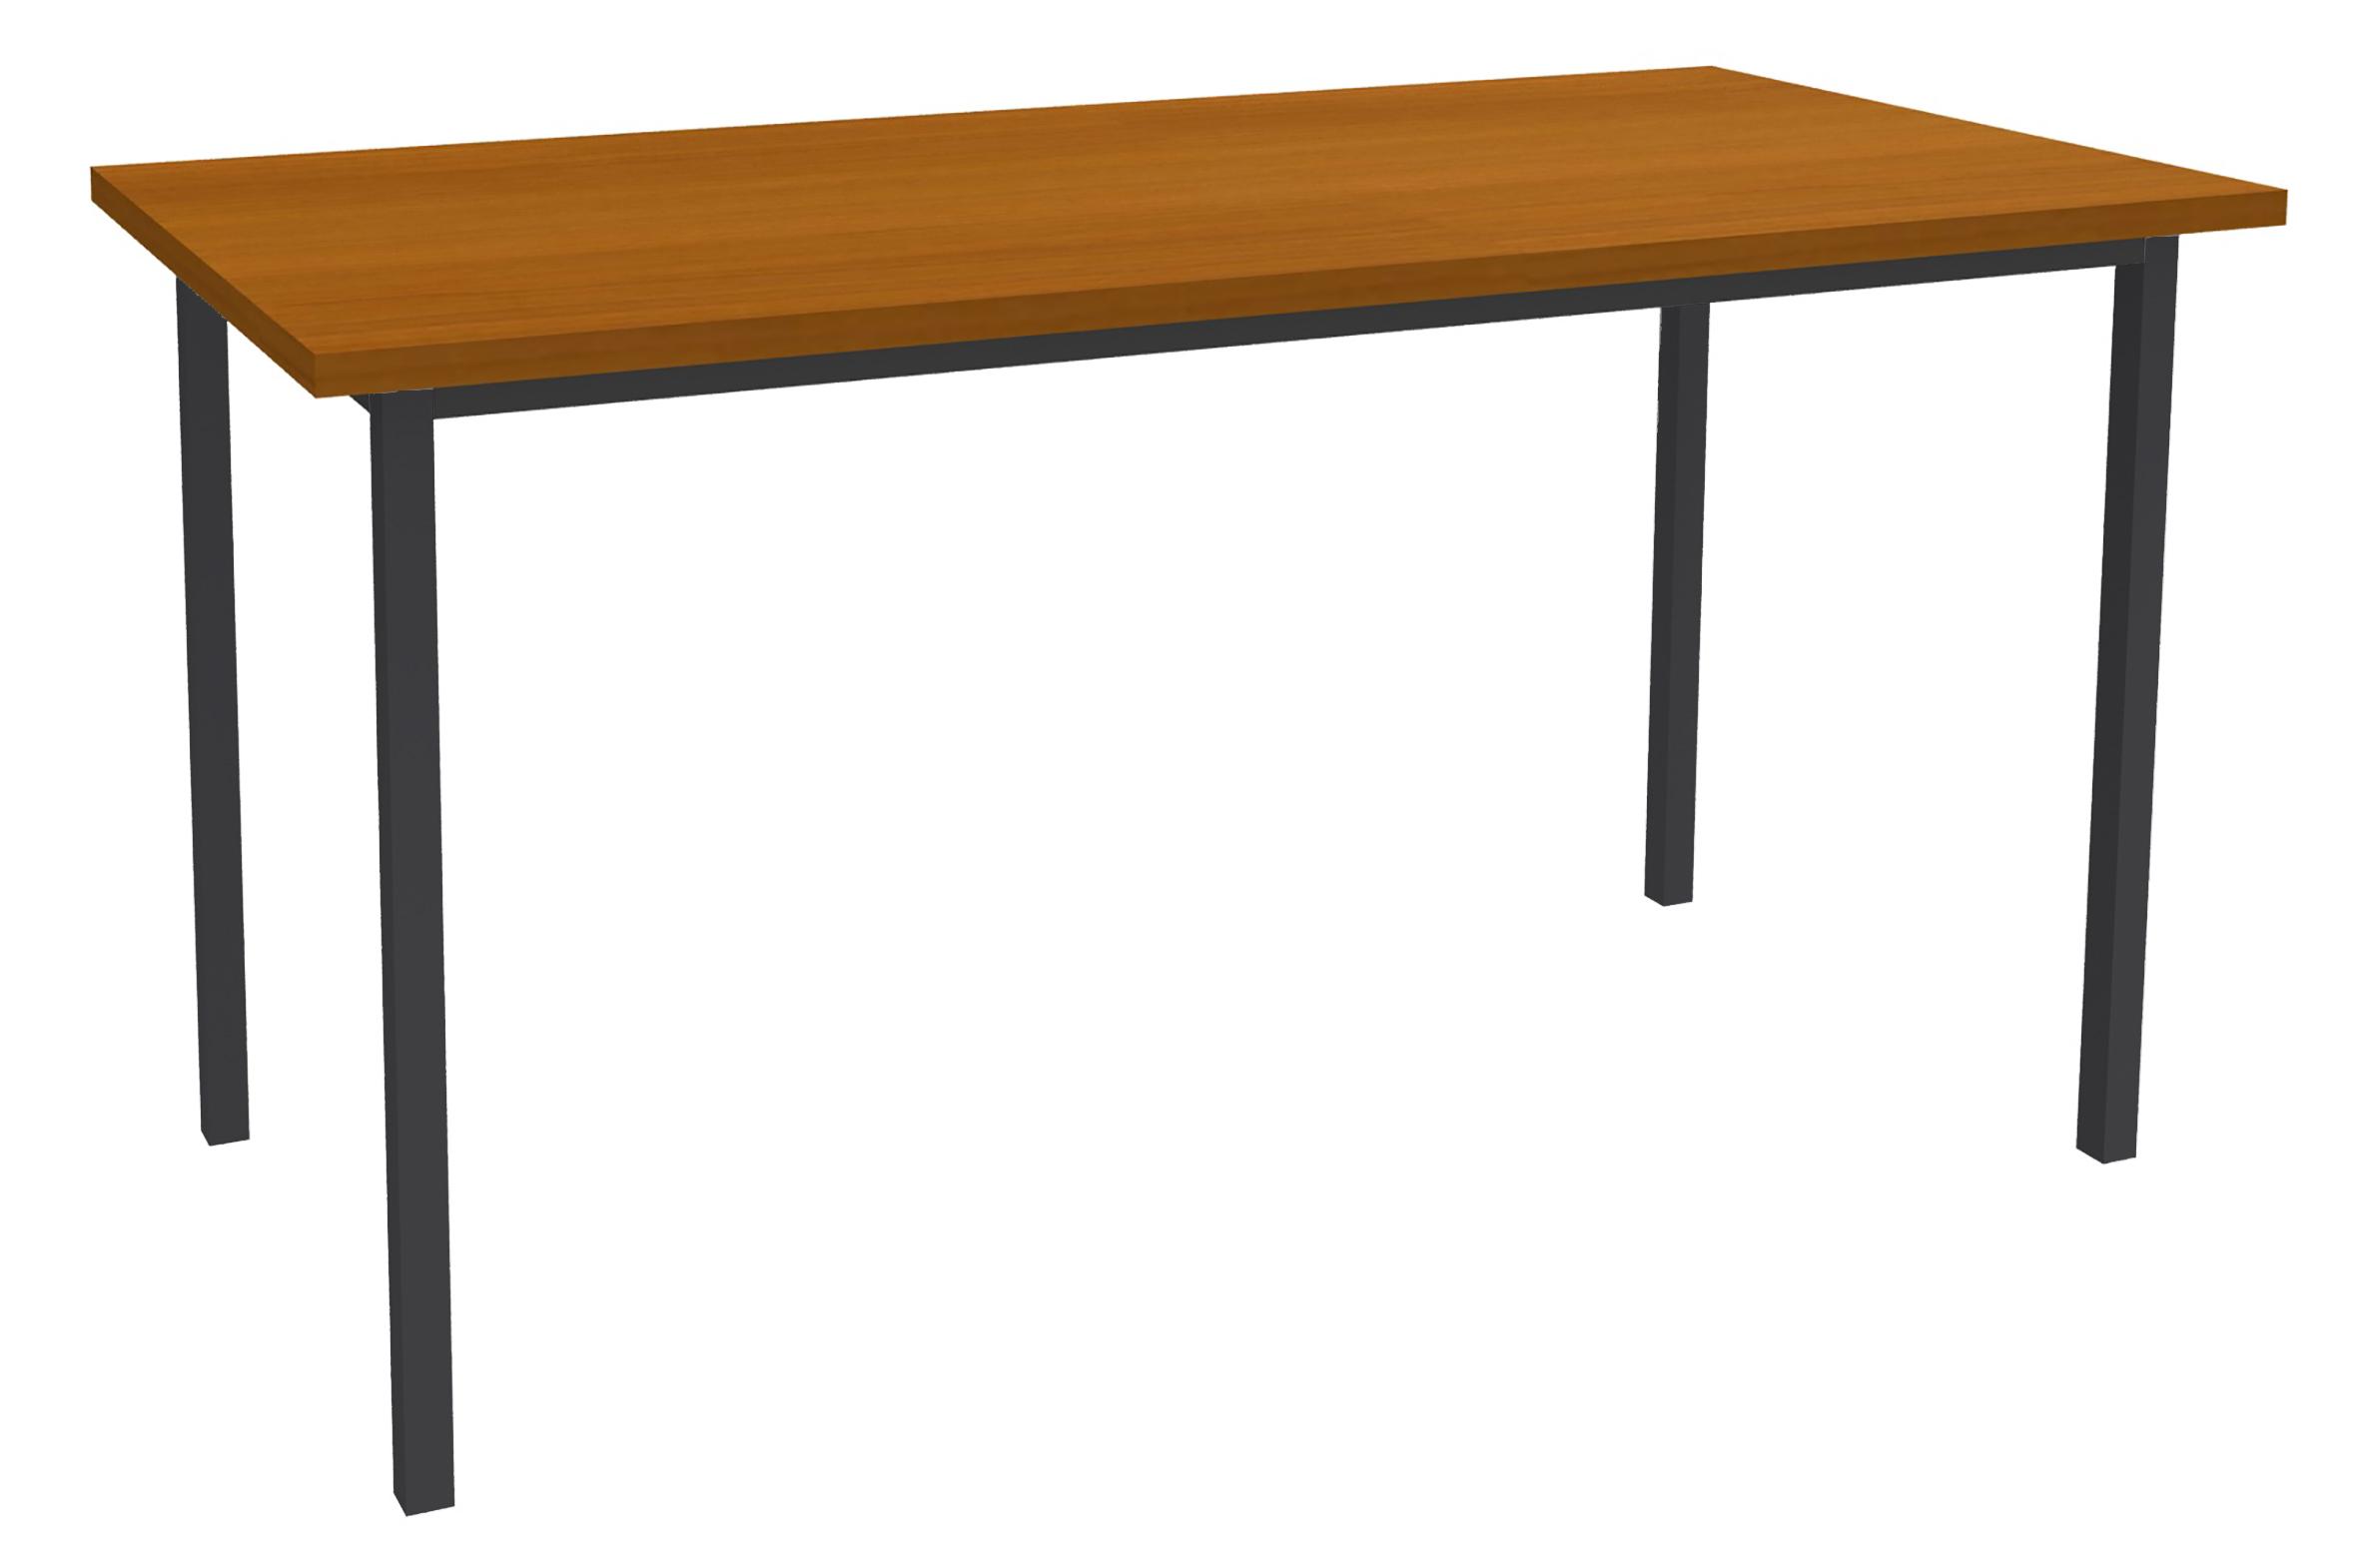 Table de réunion Rectangulaire - 160 x 80 cm - Pieds anthracite - imitation merisier